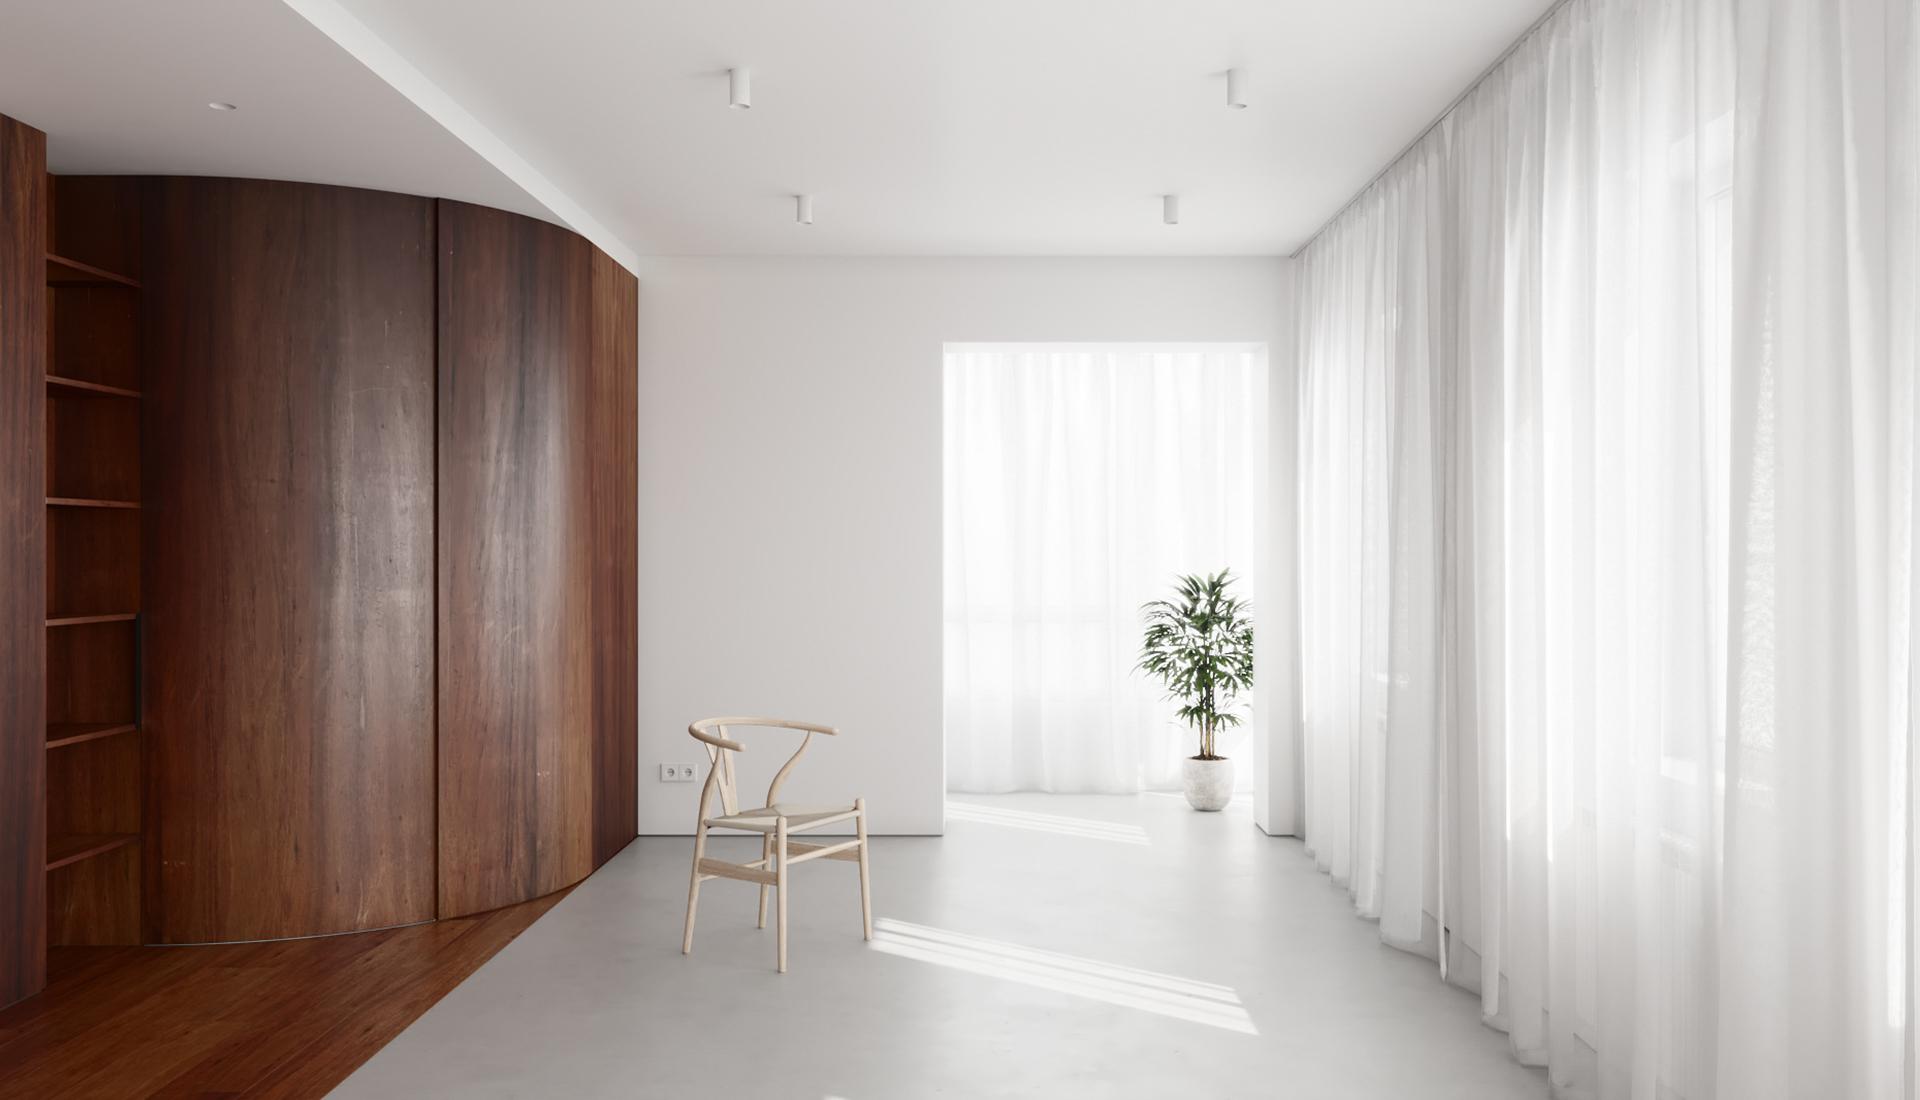 Квартира 55 кв. метров: нью-нордик в Москве по проекту Pogodin Rogov Group